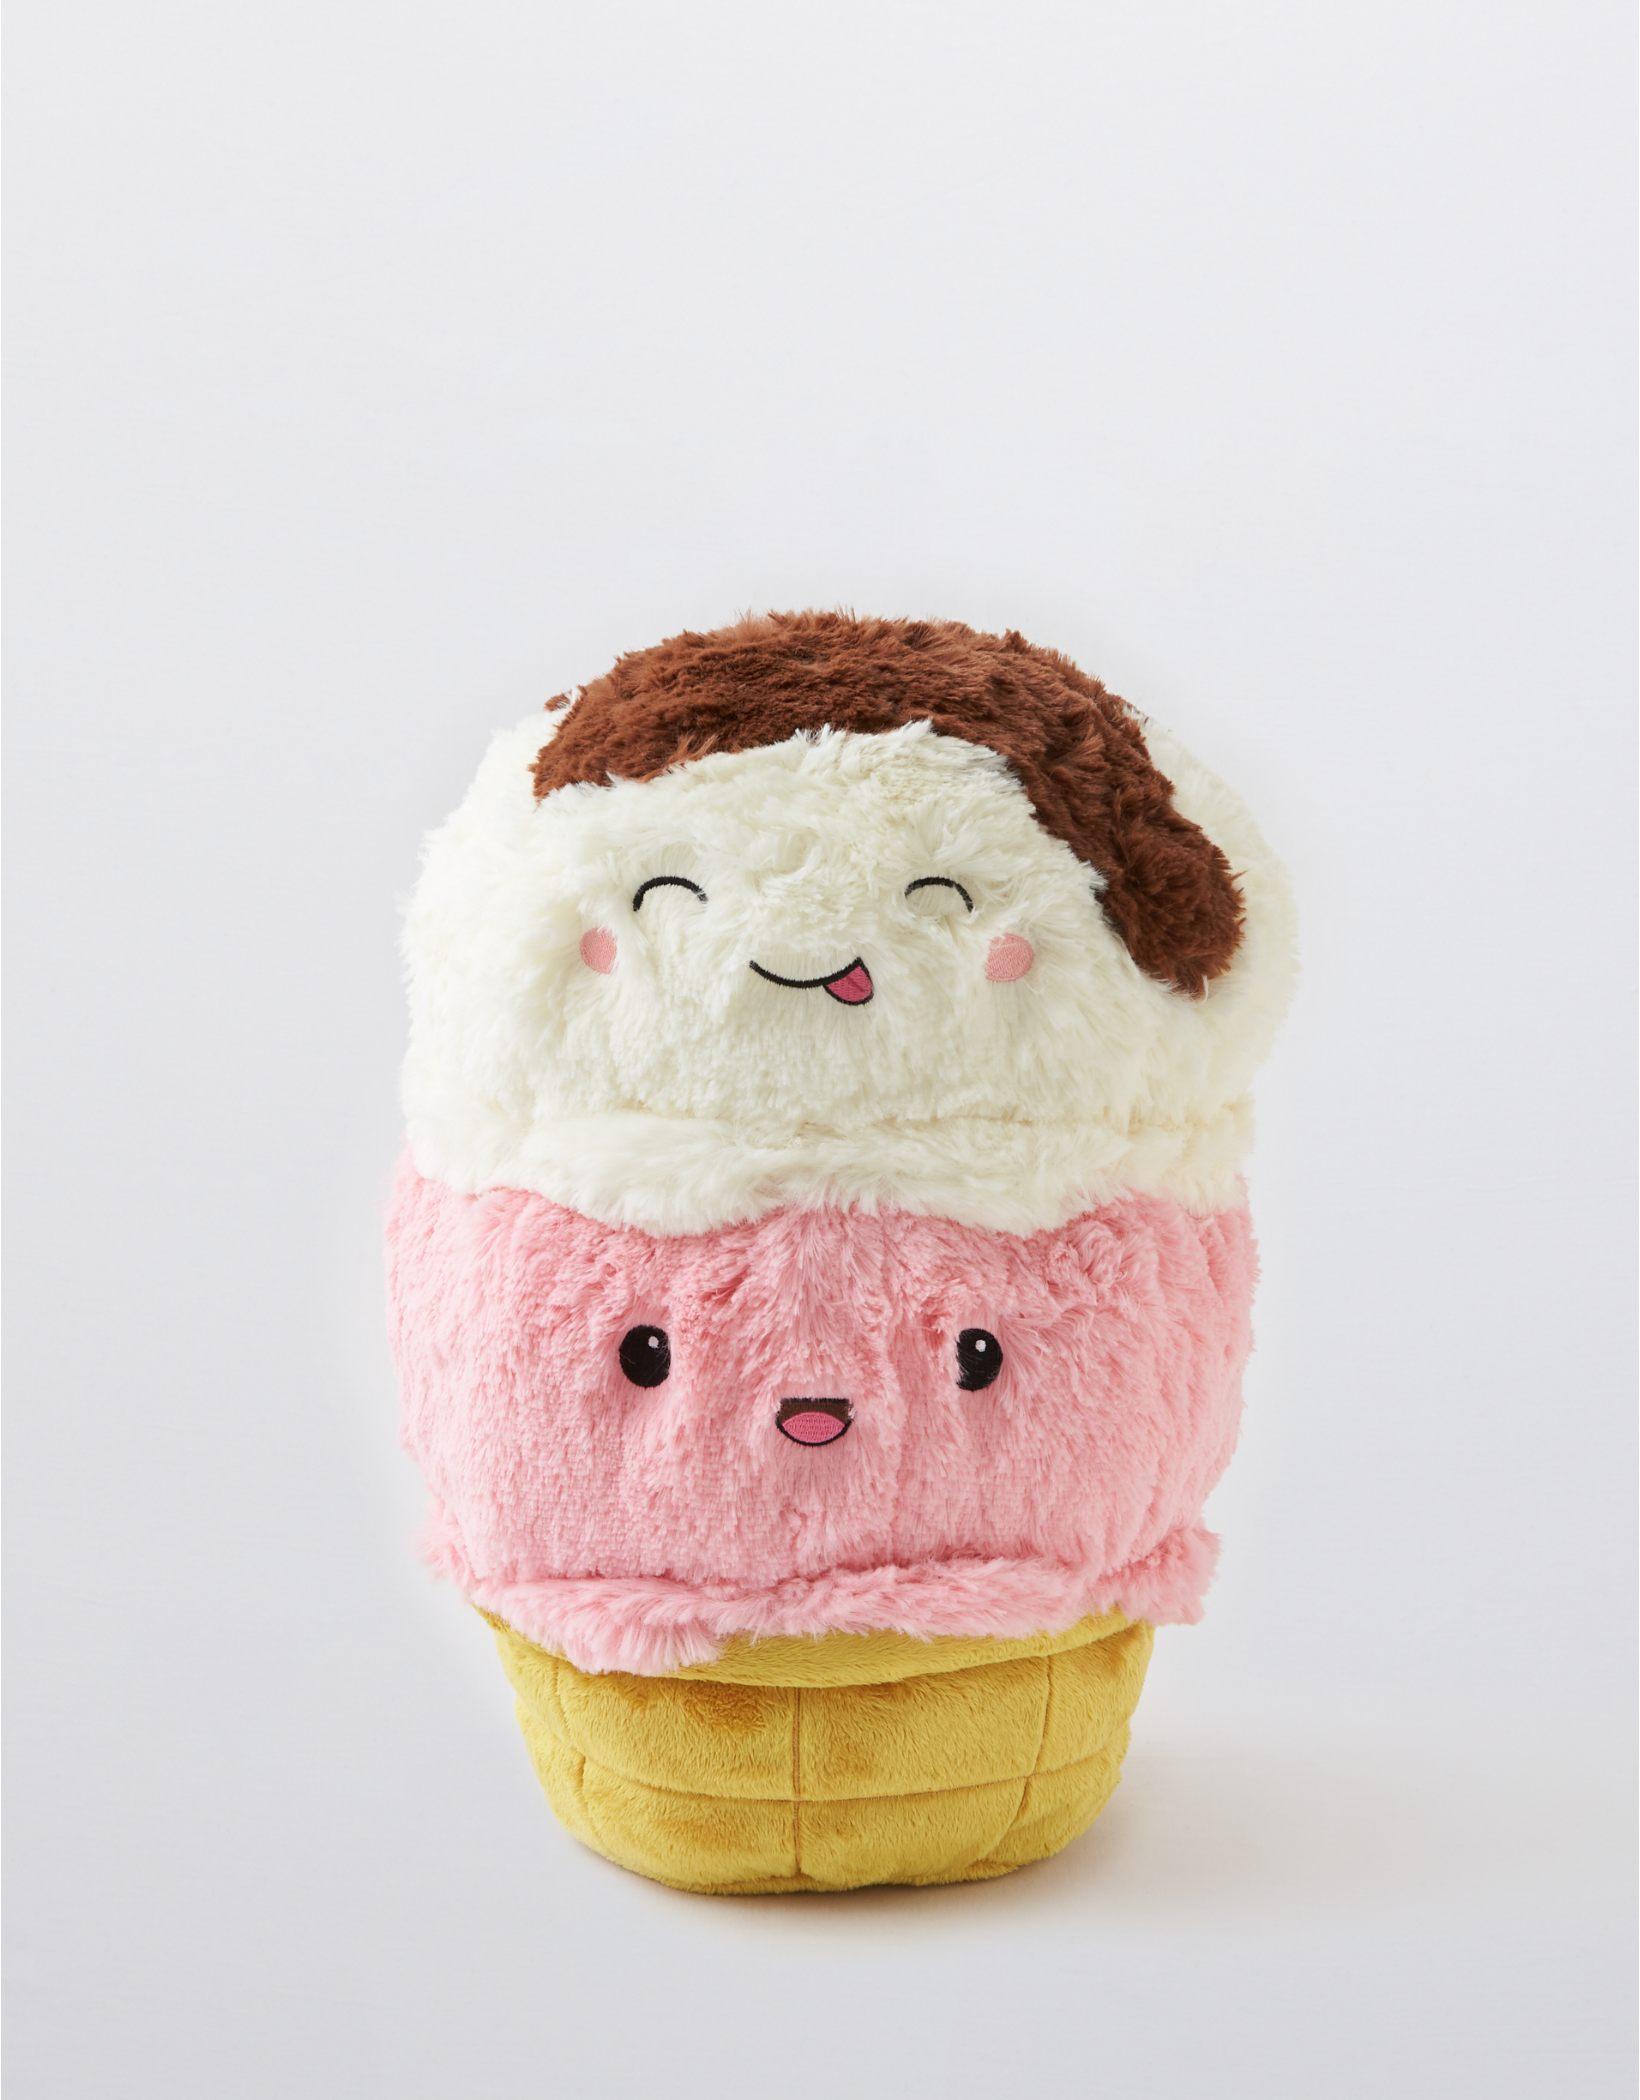 Squishable Ice Cream